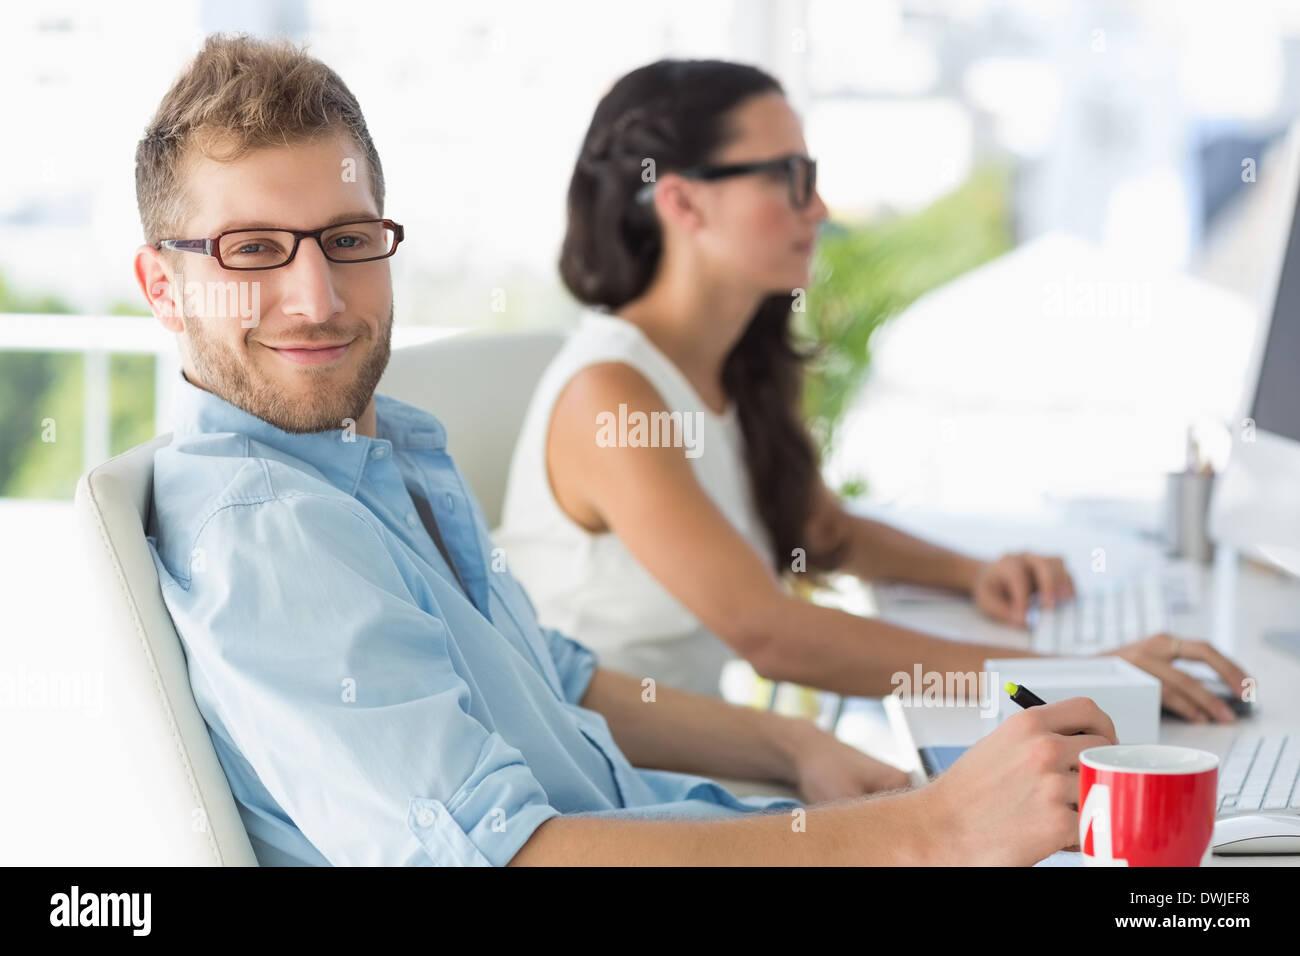 Handsome designer smiling at camera at desk - Stock Image